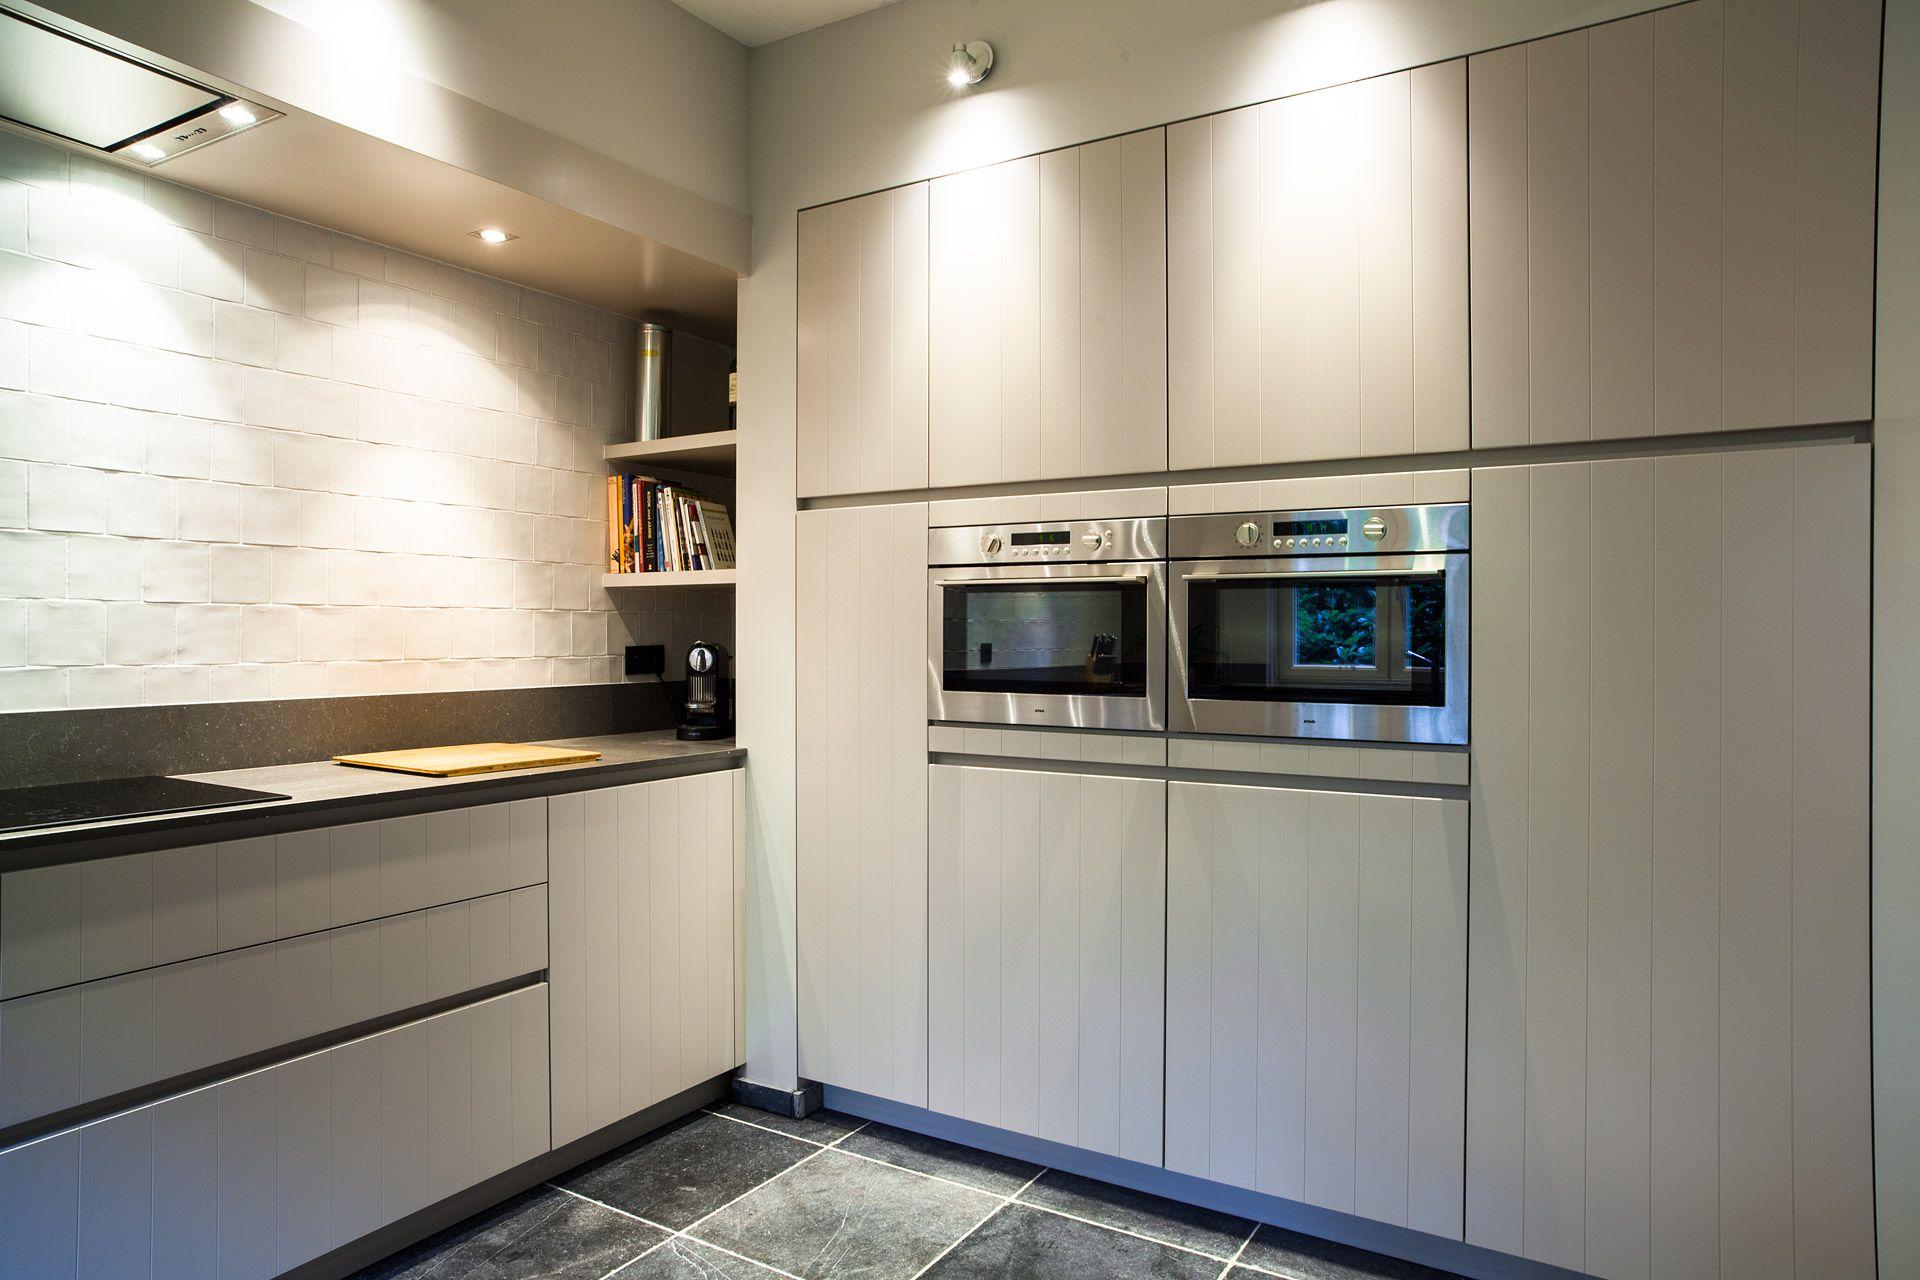 Hoek Keuken Modellen : Hoekkeuken amerikaanse koelkast google zoeken keuken